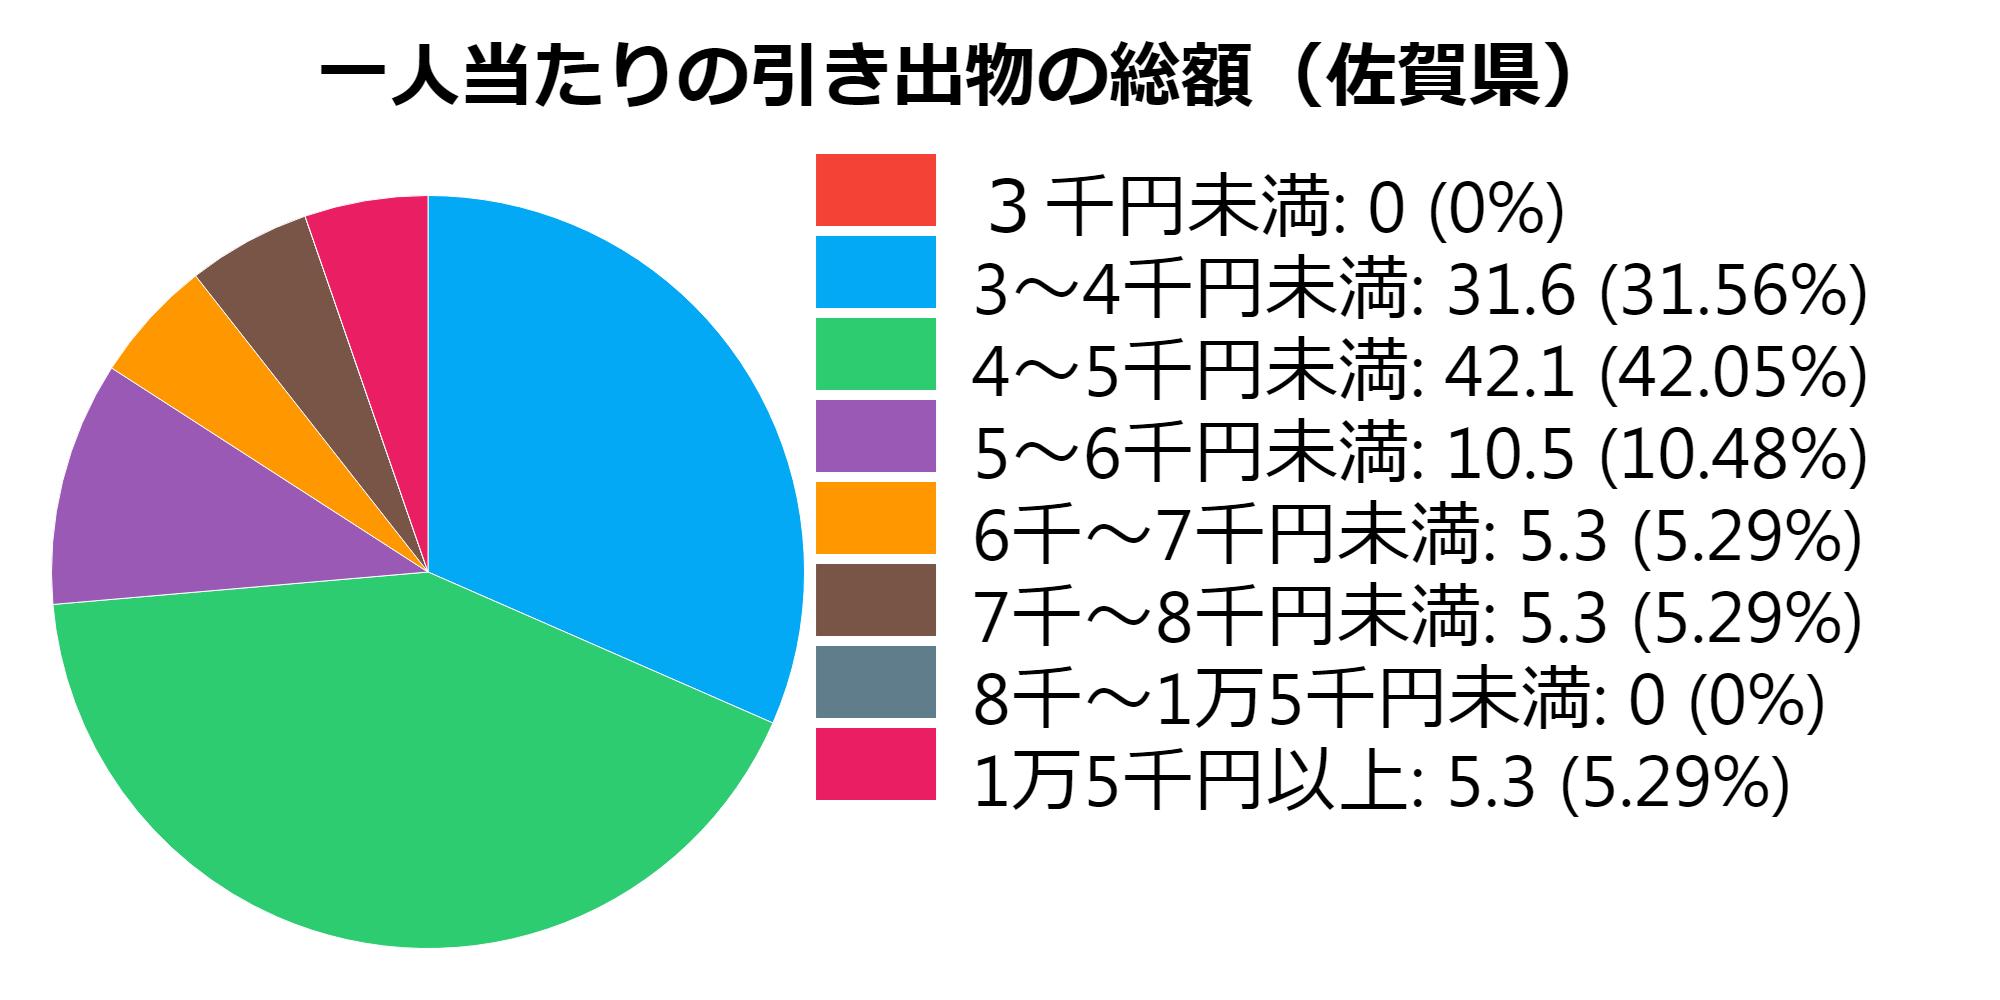 総額(佐賀県)